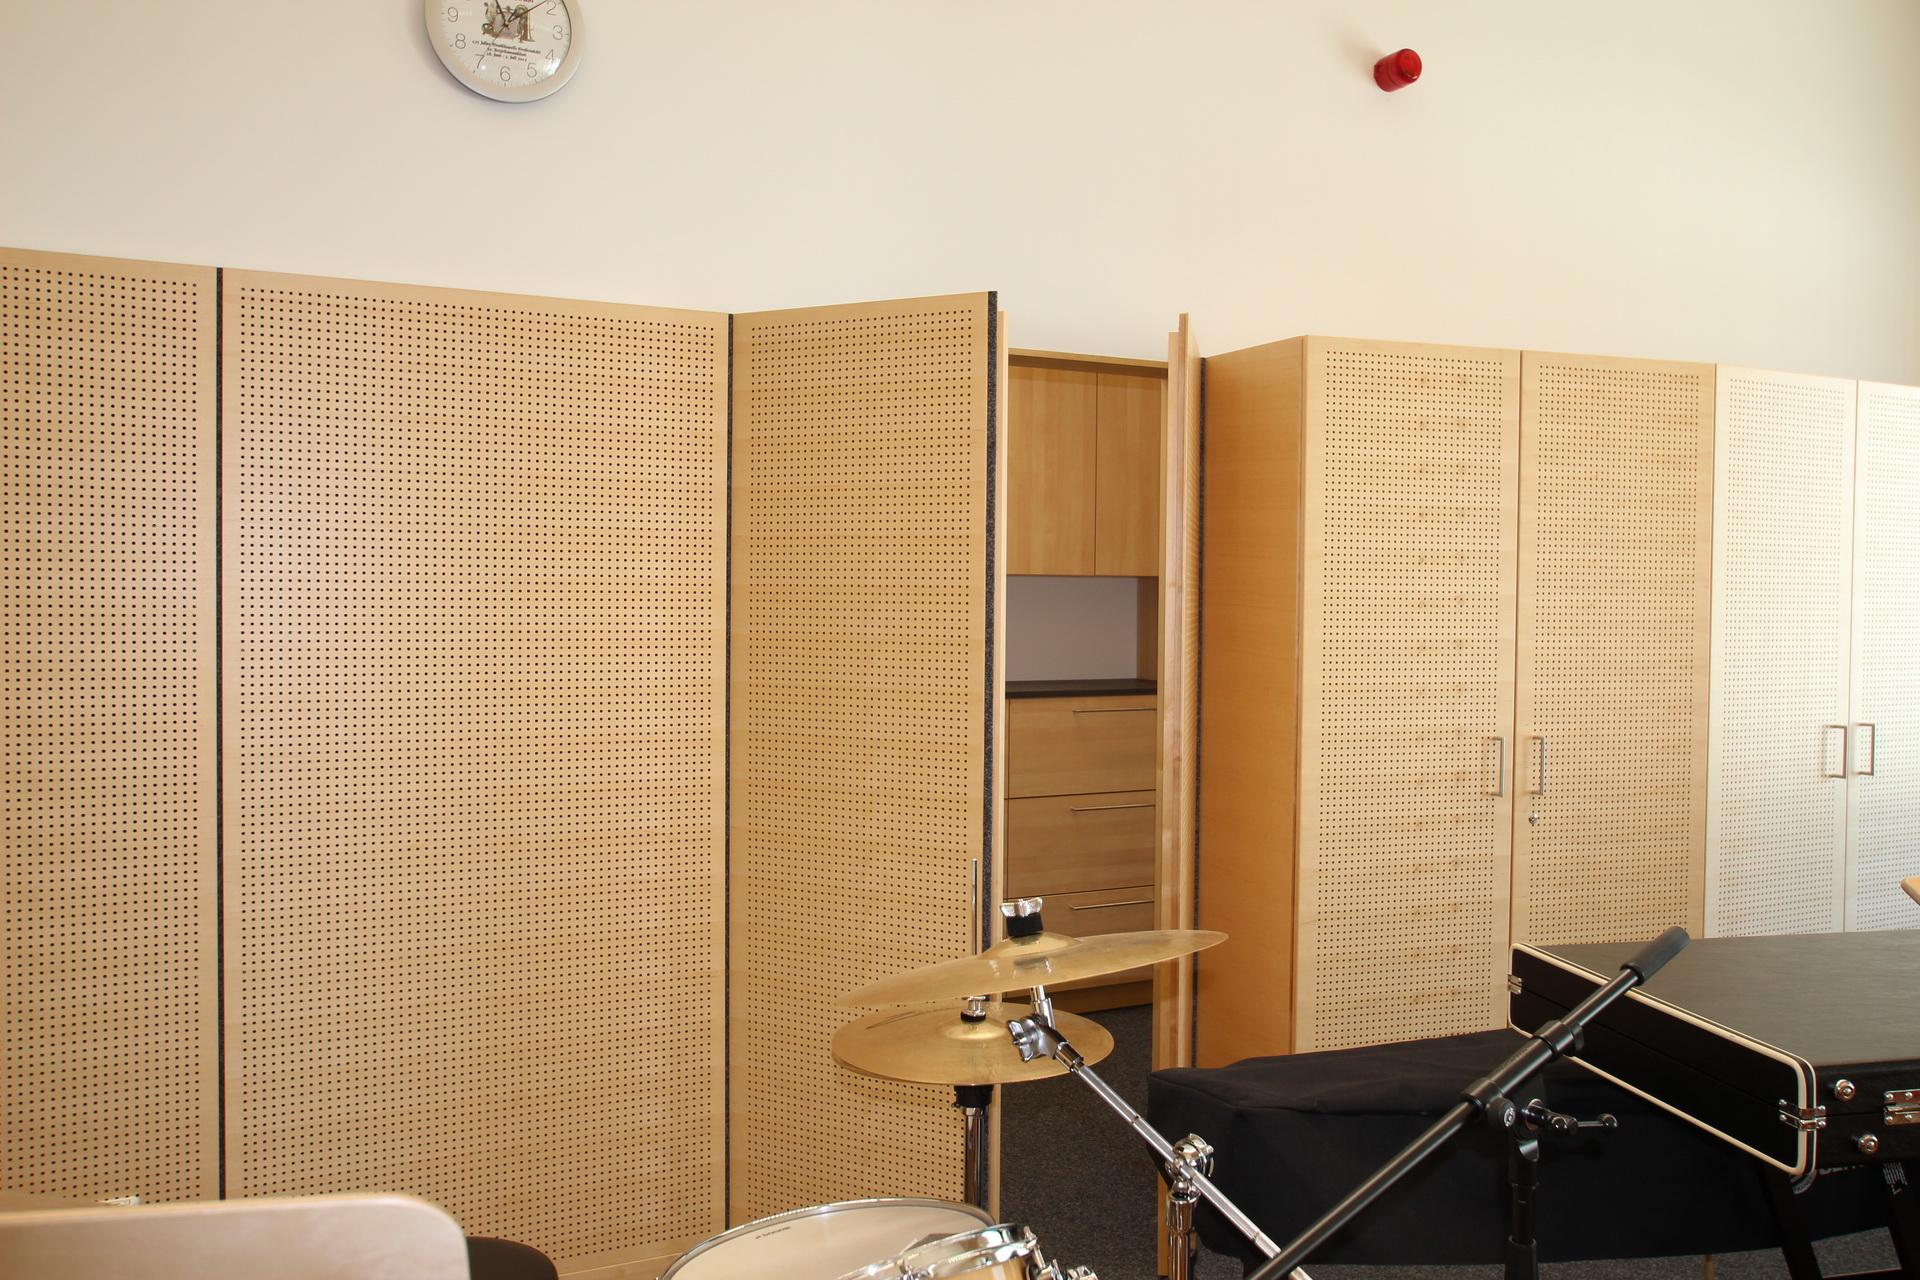 Musikproberaum-Nussdorf_3_Staenderwandtuer